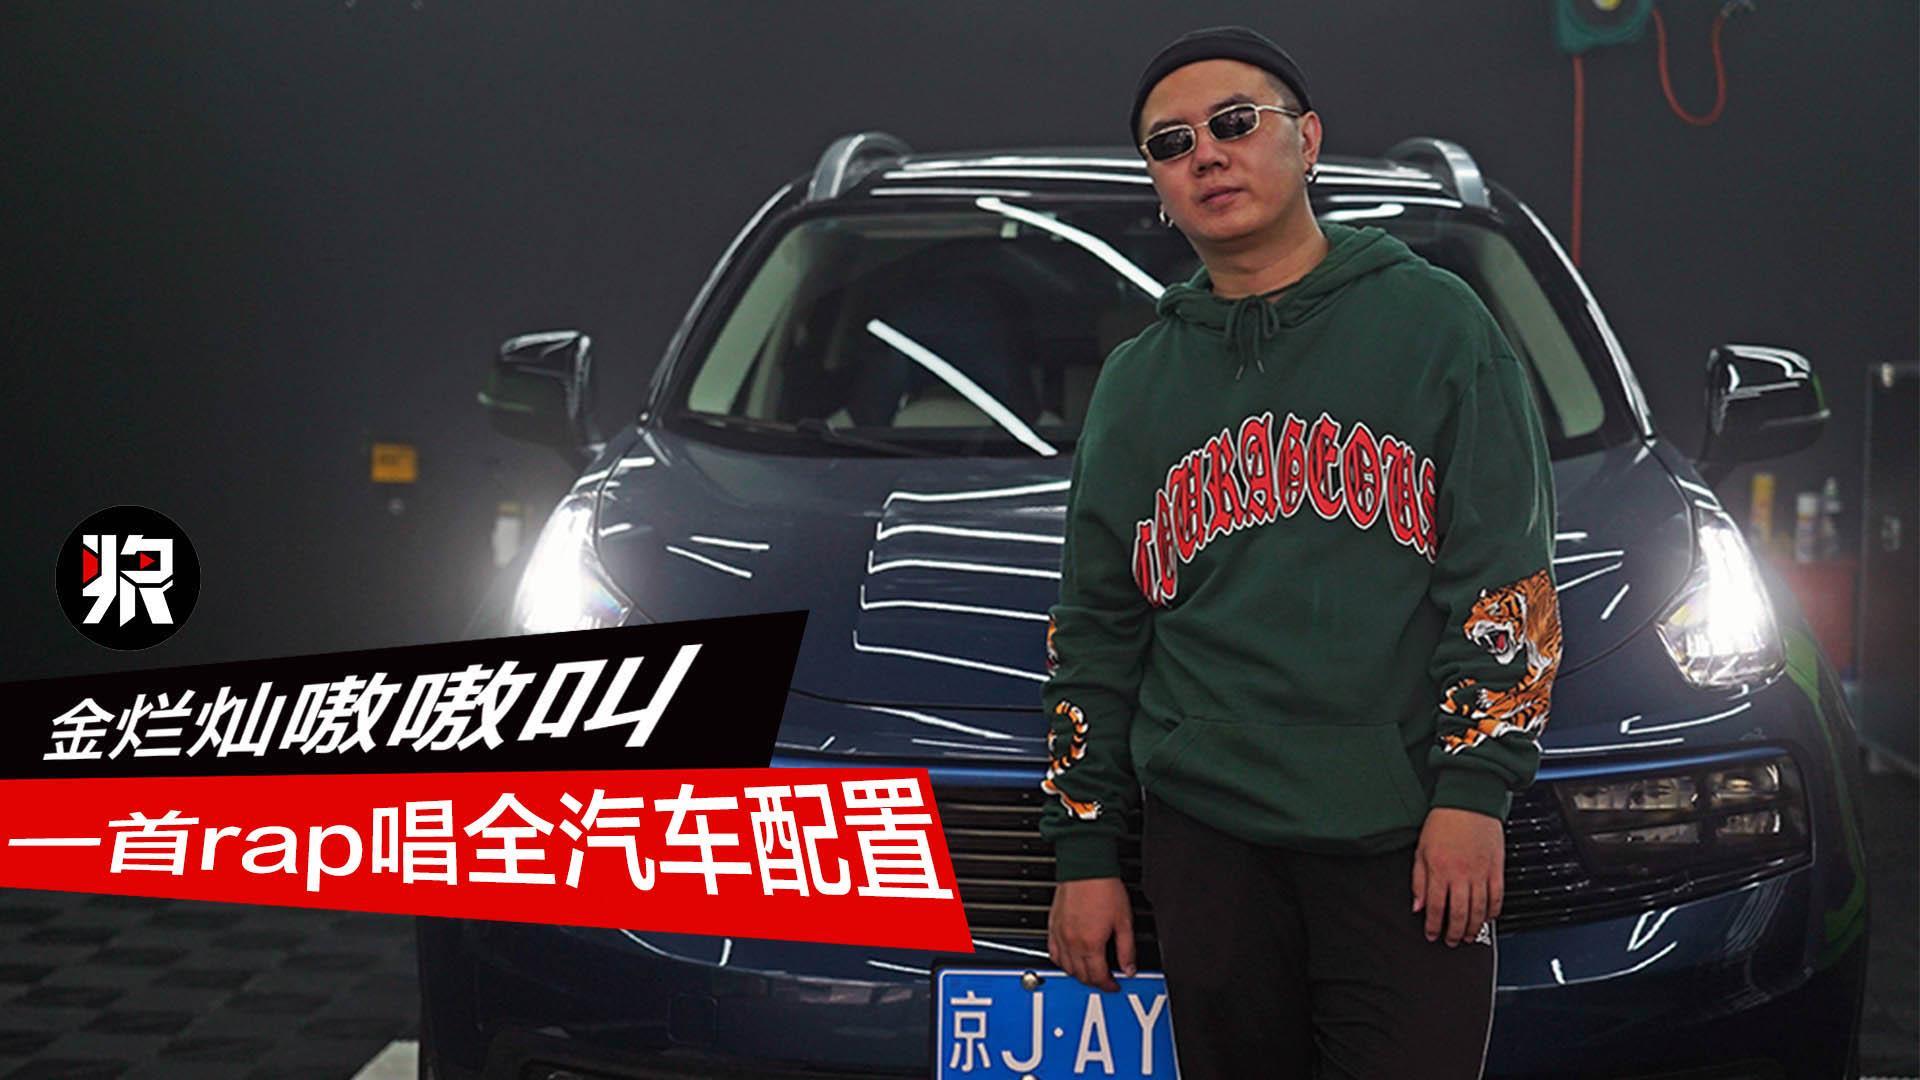 金烂灿嗷嗷叫 一首rap唱全所有汽车配置